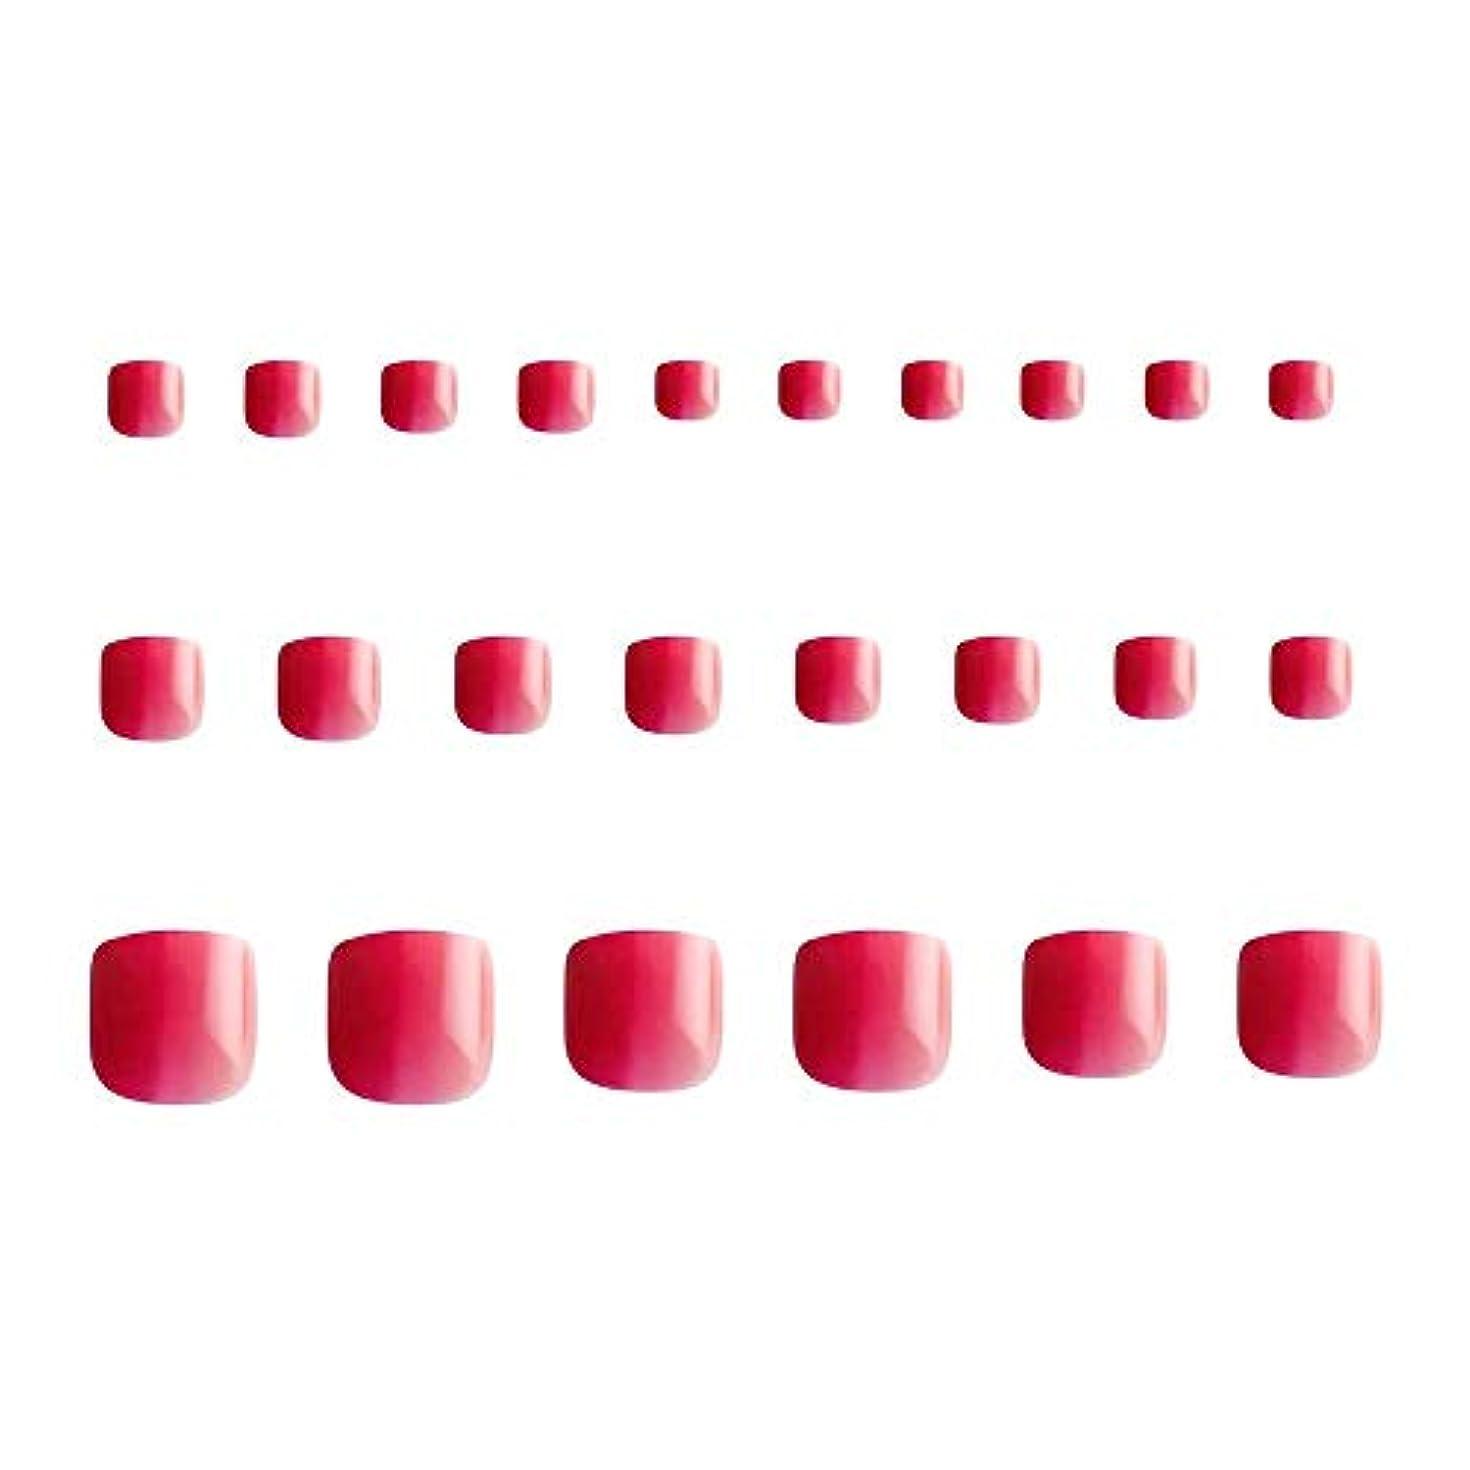 テレビ偽失礼な24枚 グラデーション 短い 四角形 フルカバー ネイルチップ 足の爪 ピンク